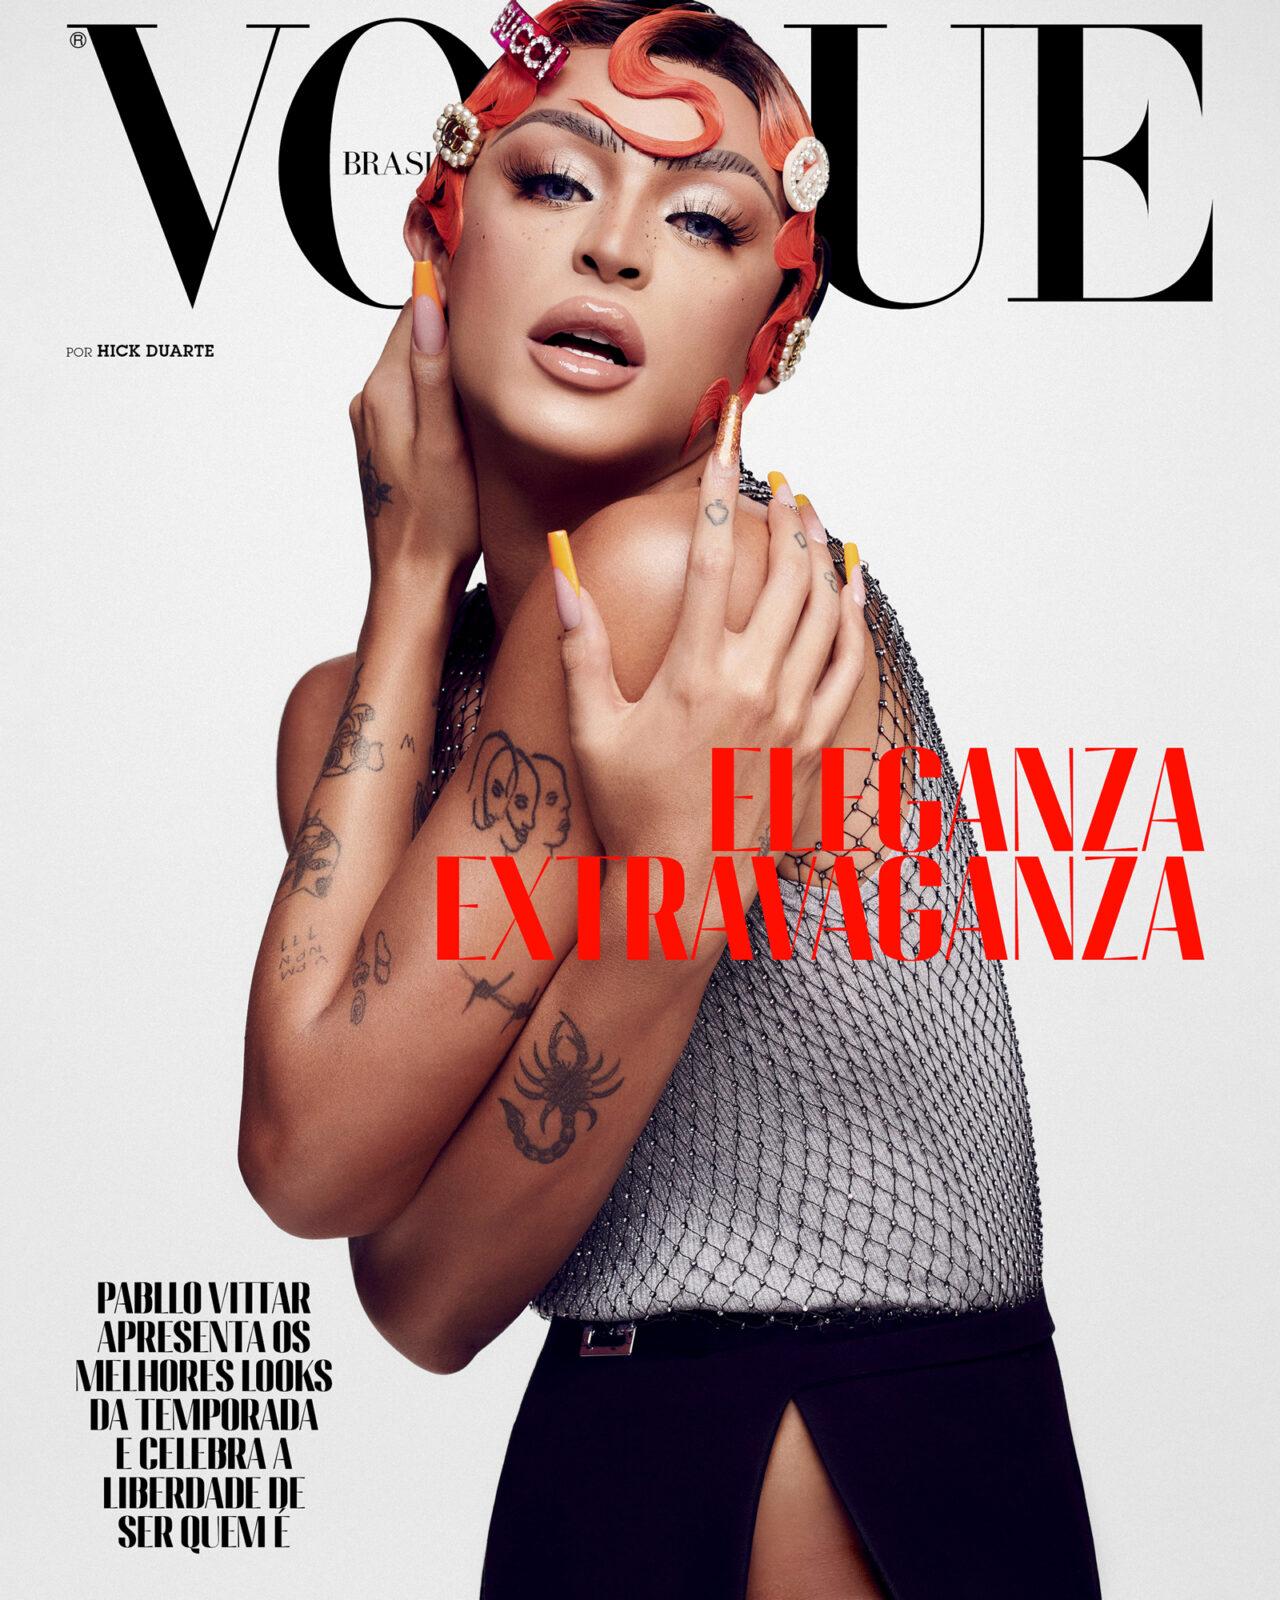 Pabllo Vittar, fotografada por Hick  Duarte, usa top, regata, saia e presilhas, tudo Gucci. (Foto: Vogue Brasil/ Hick Duarte)